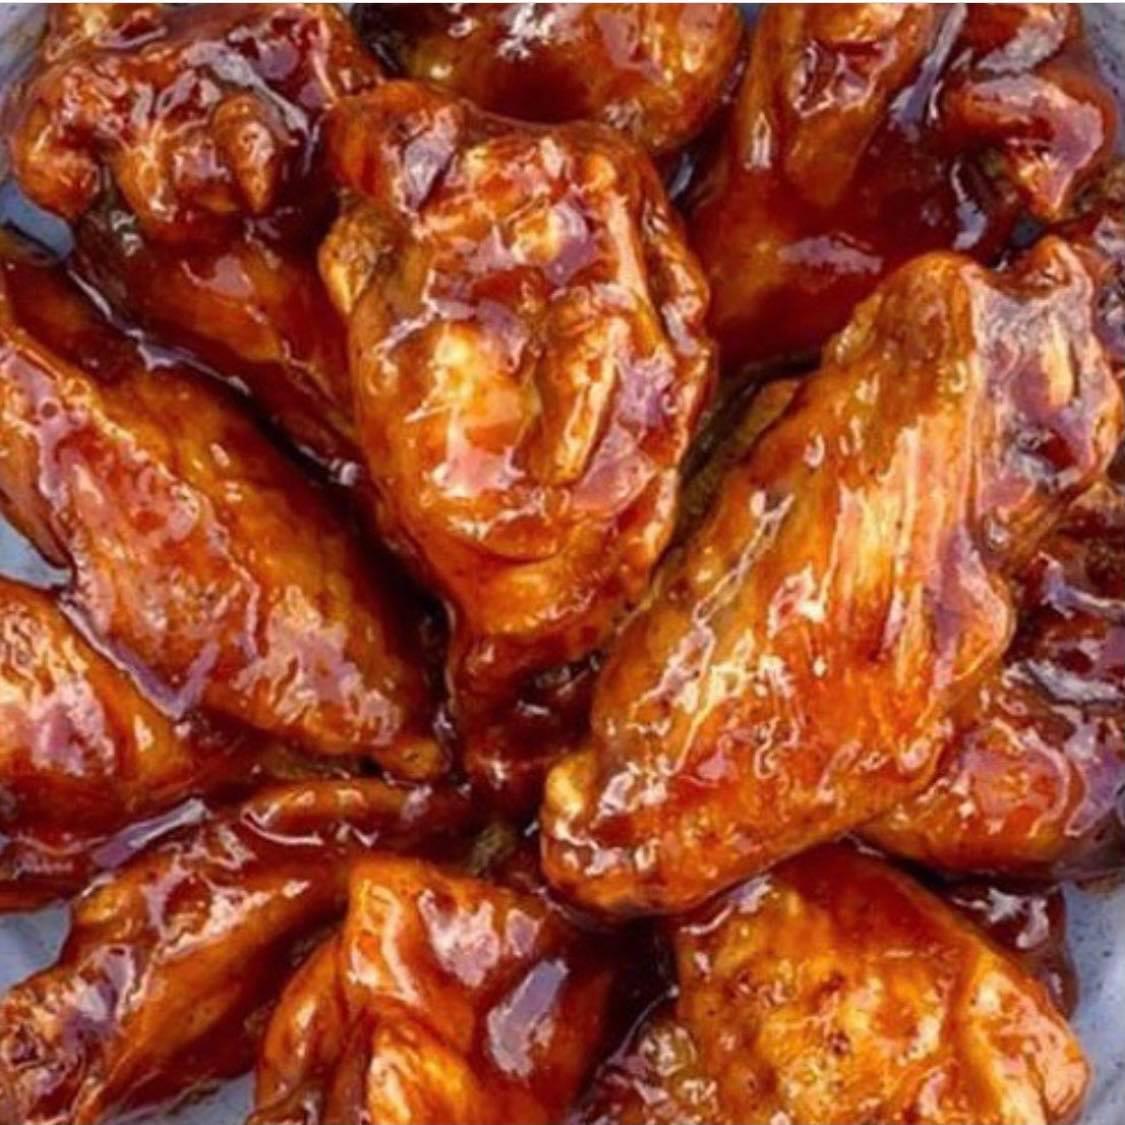 12 Jumbo Wings